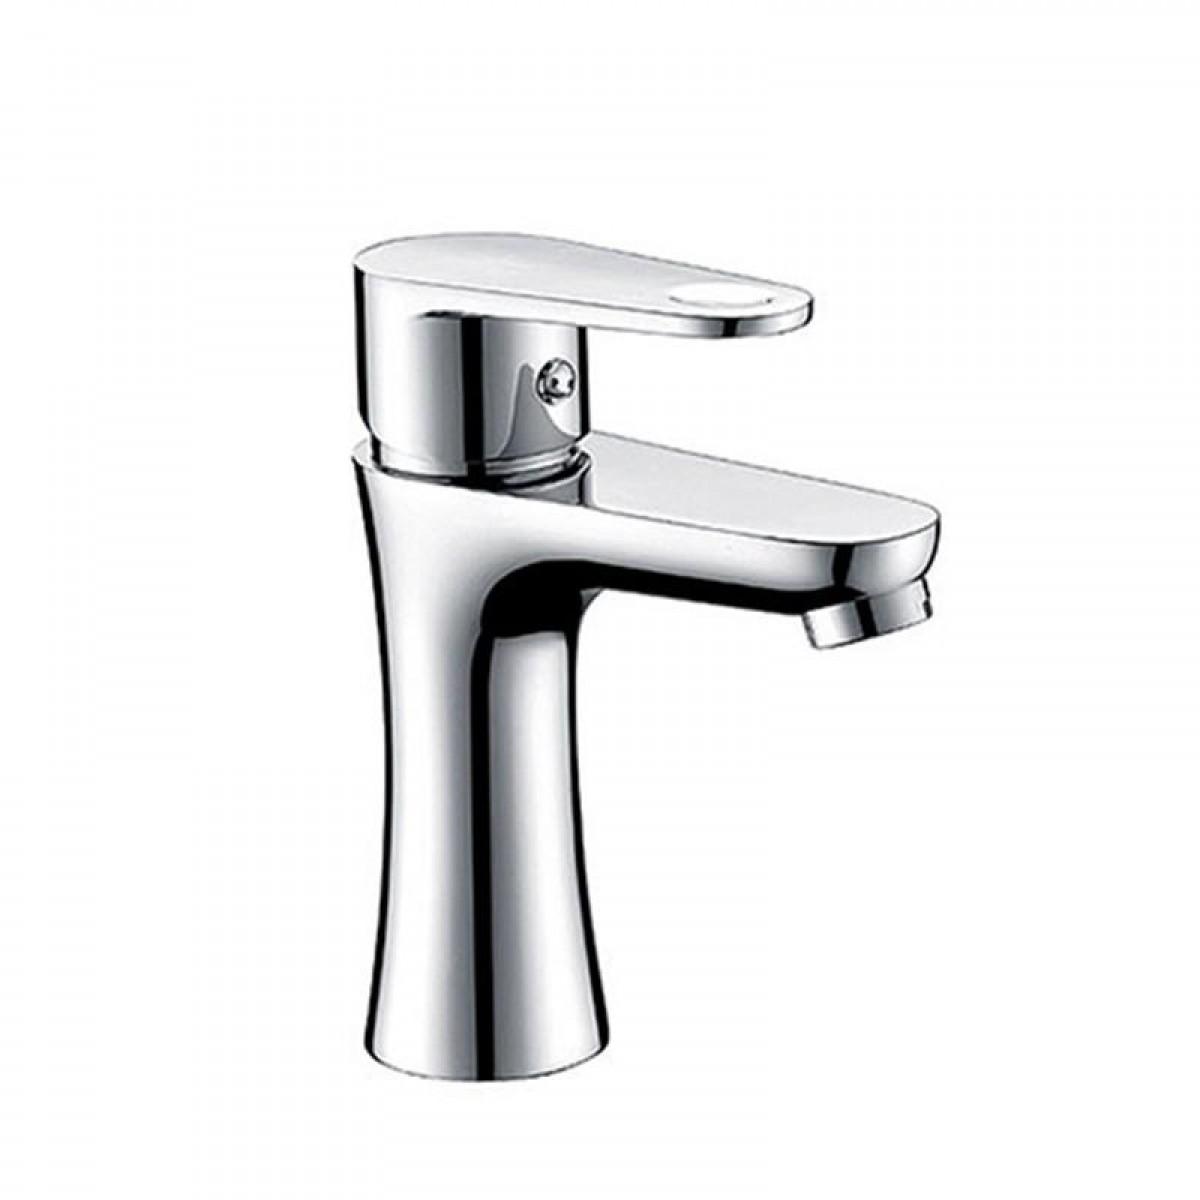 慢道卫浴 家用卫生间洗手盆洗脸盆混水阀面盆龙头 MP1008